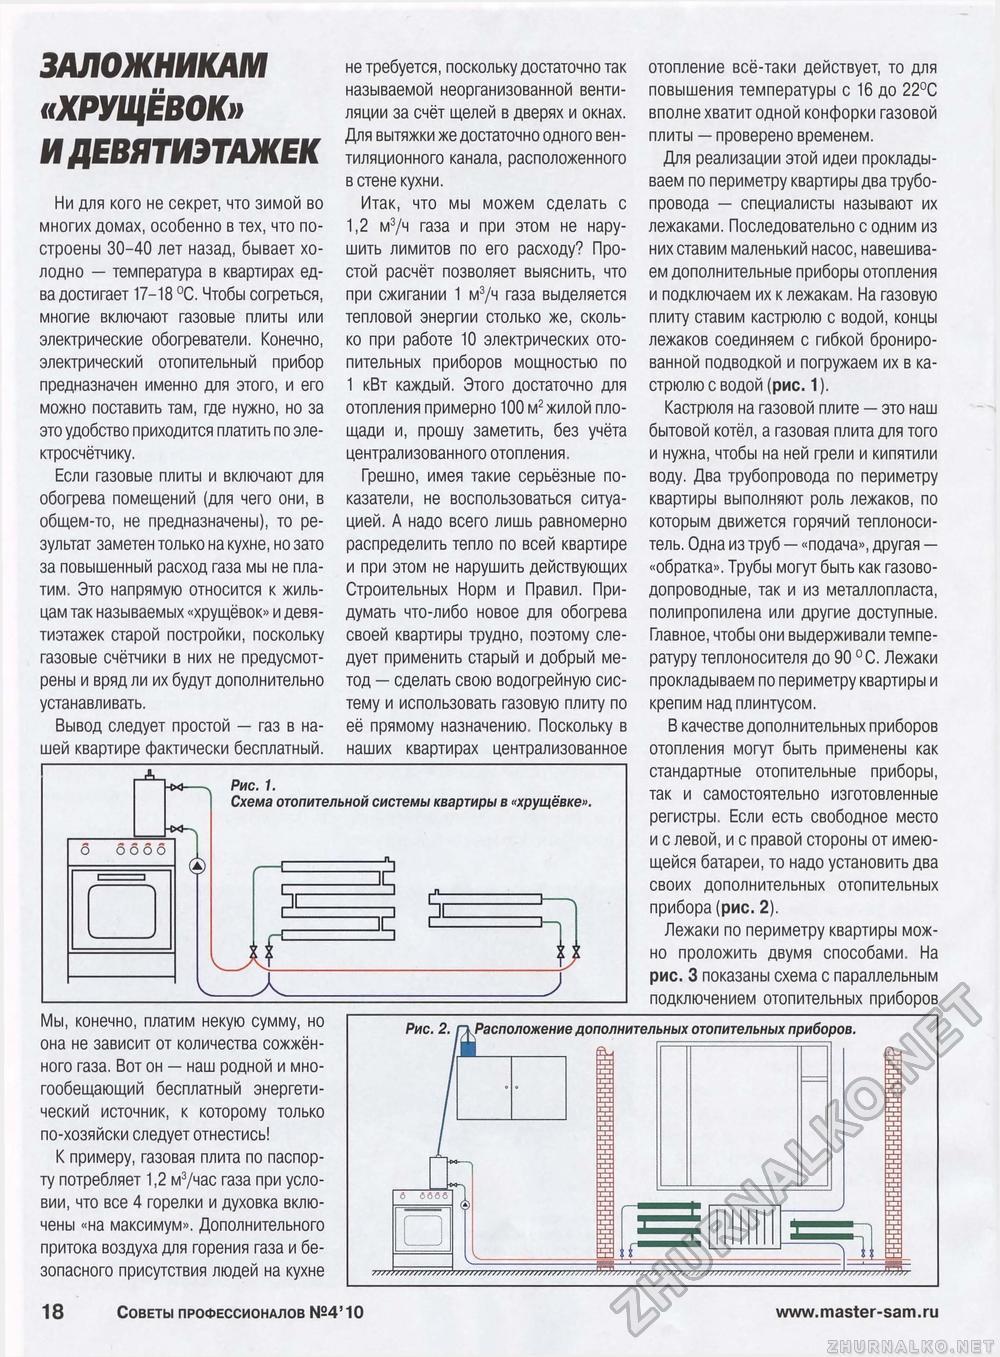 вентиляционный канал в хрущевках схема